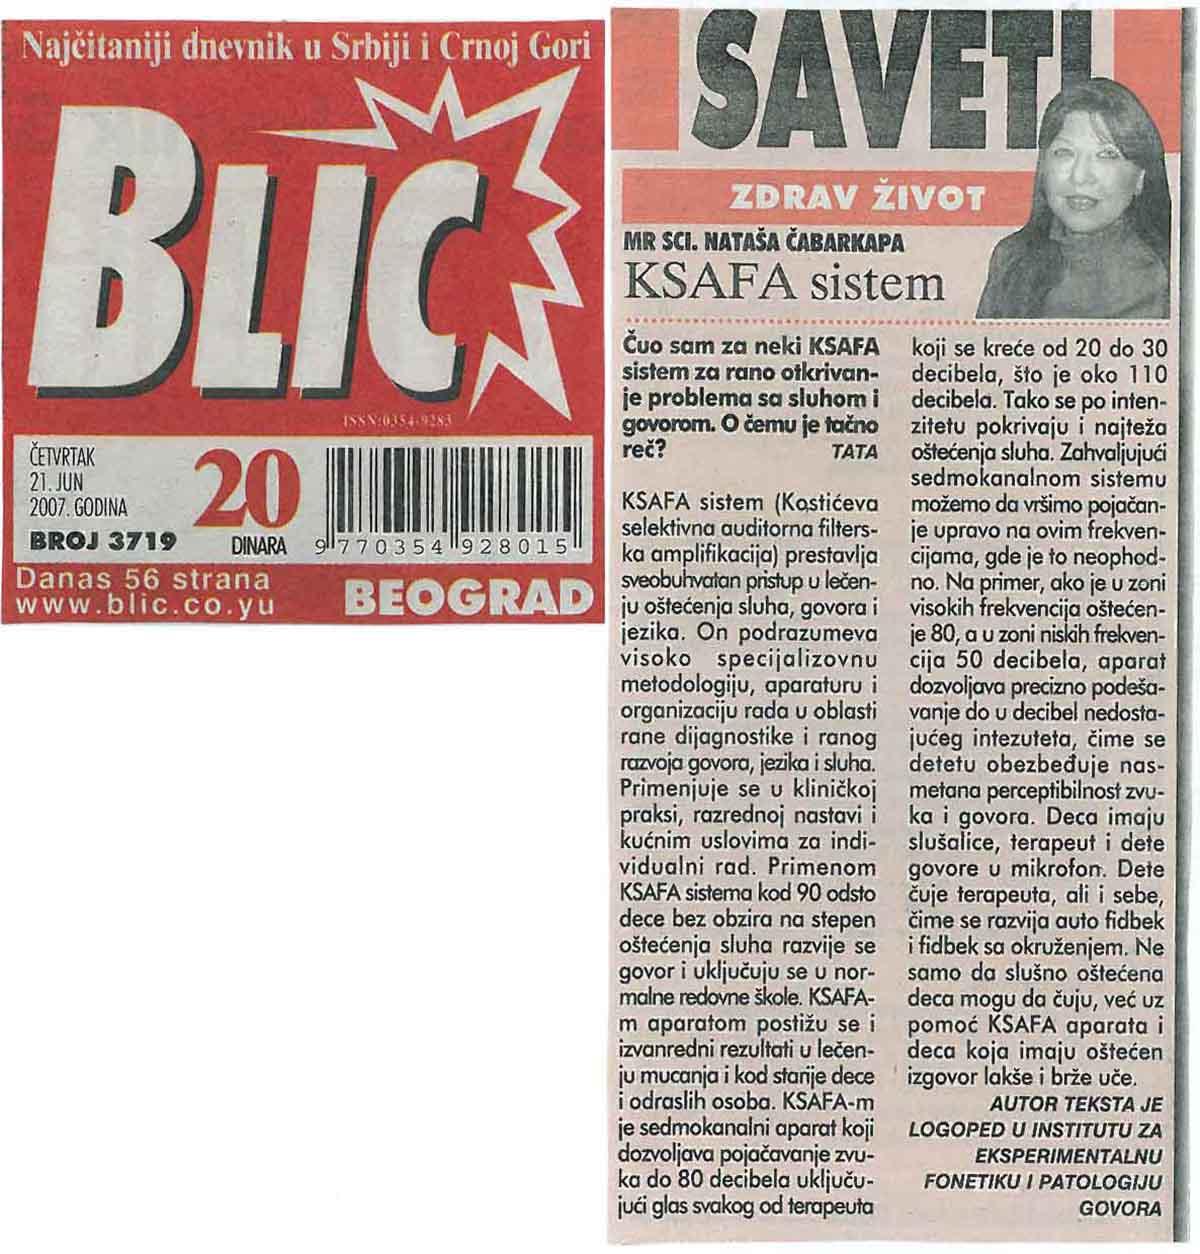 Ksafa sistem – Blic 17.06.2007